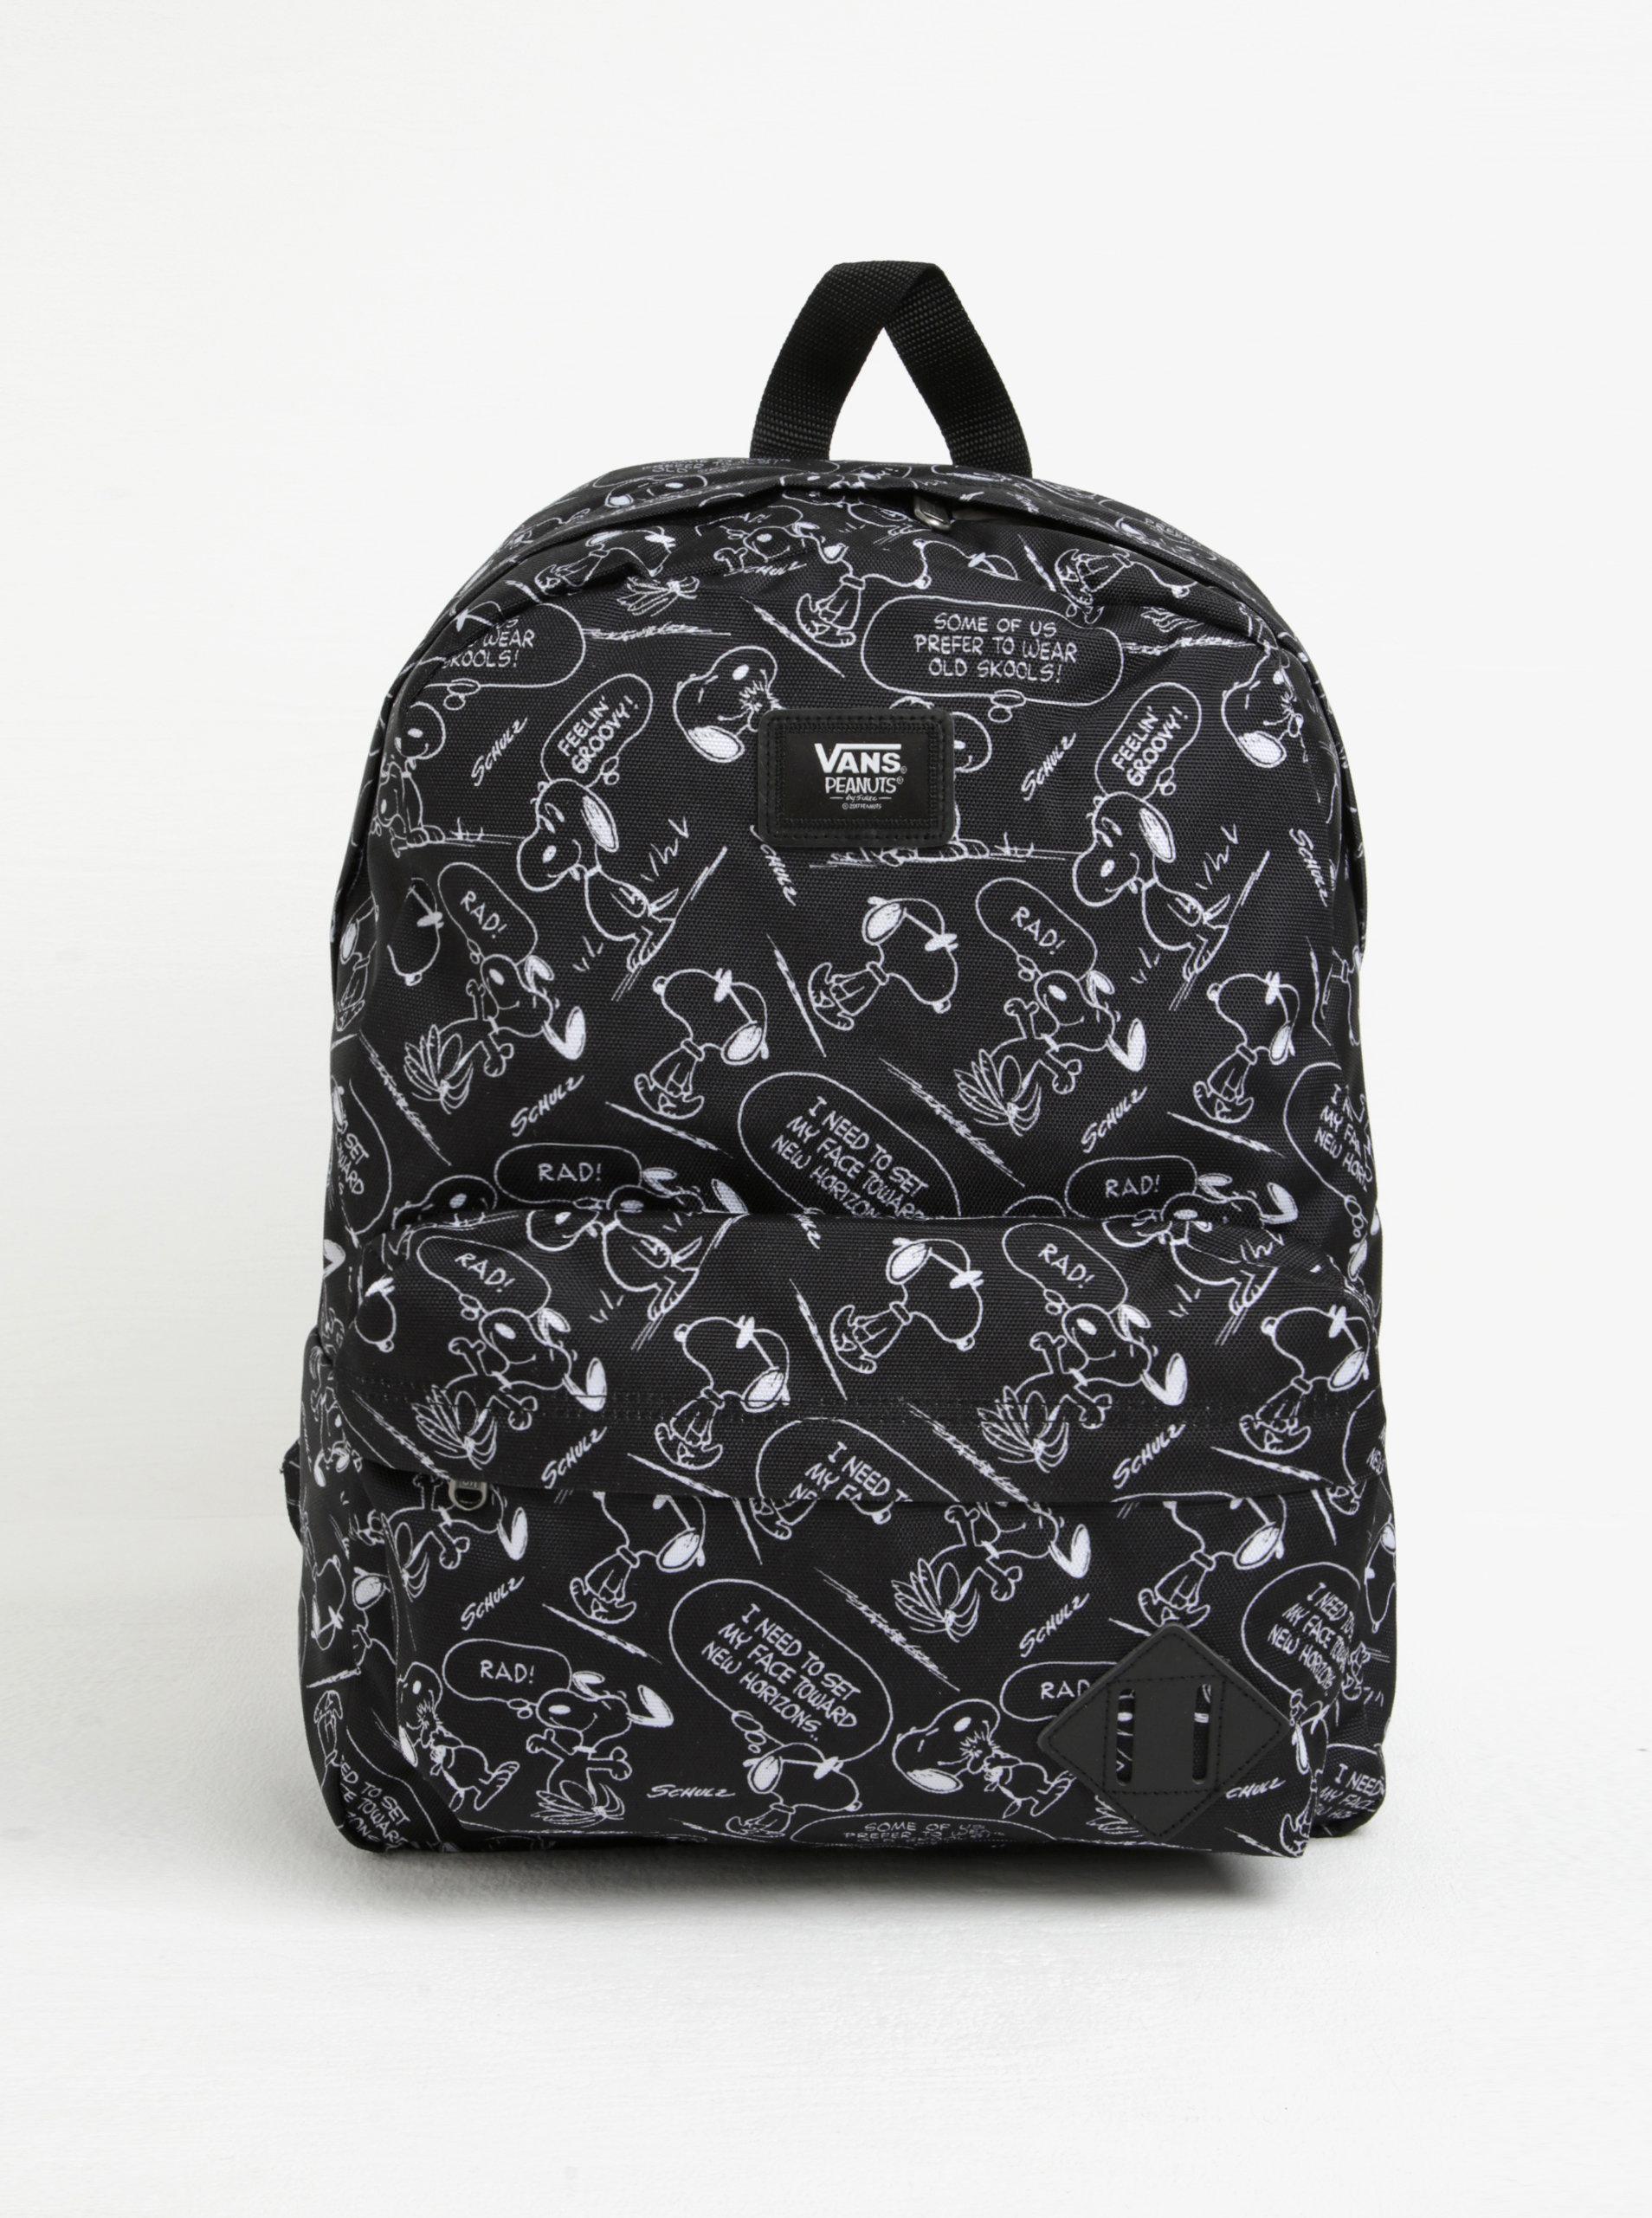 5e5c70218ba Černý vzorovaný batoh VANS Peanuts ...